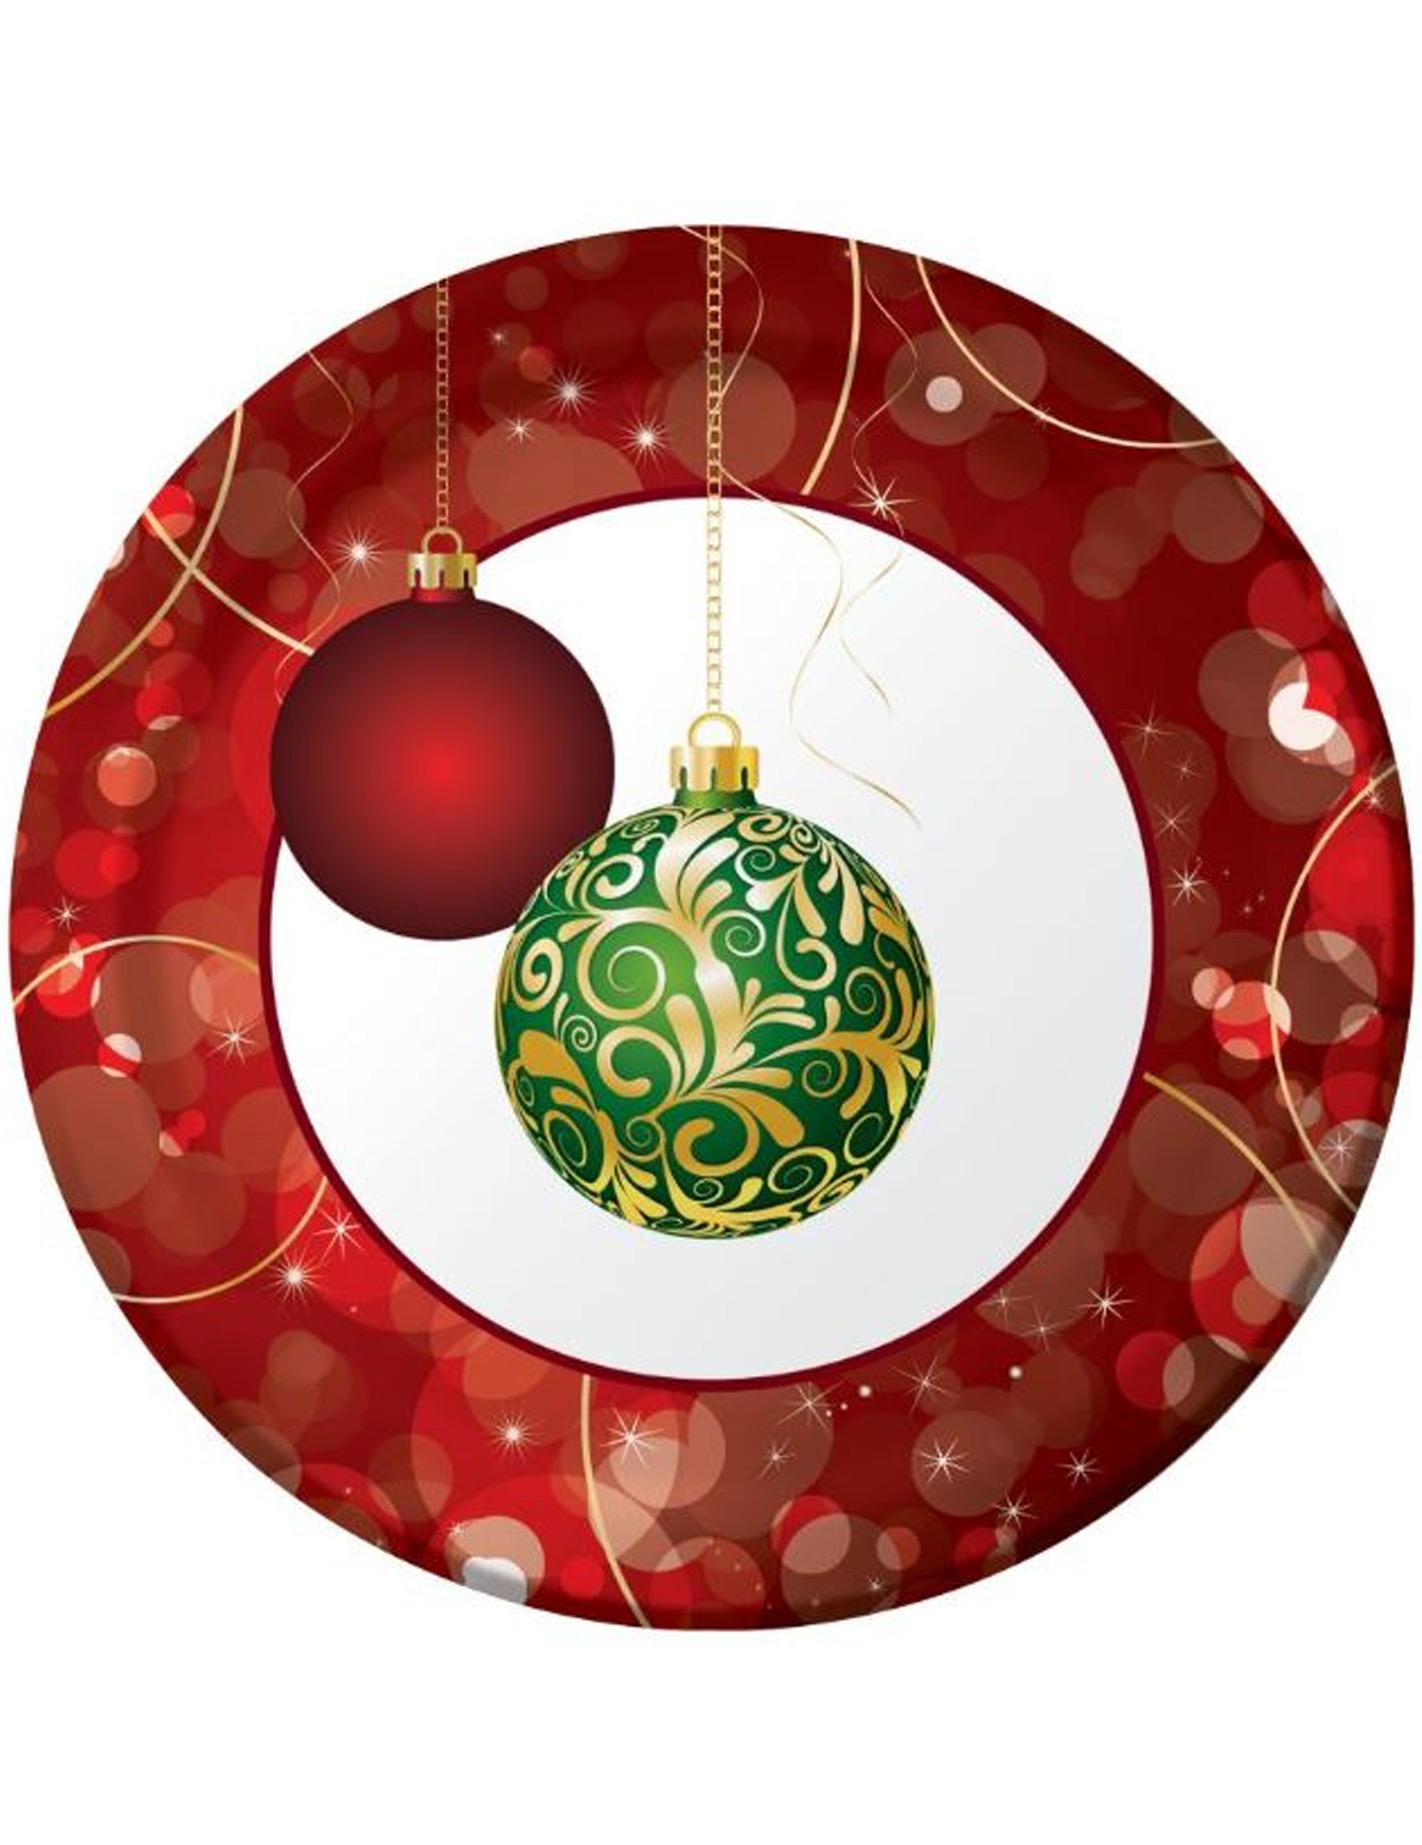 #7F1C16 8 Assiettes Boules Décorées 23 Cm Noël Décoration  7776 Decoration De Noel Avec Assiette En Carton 1422x1845 px @ aertt.com